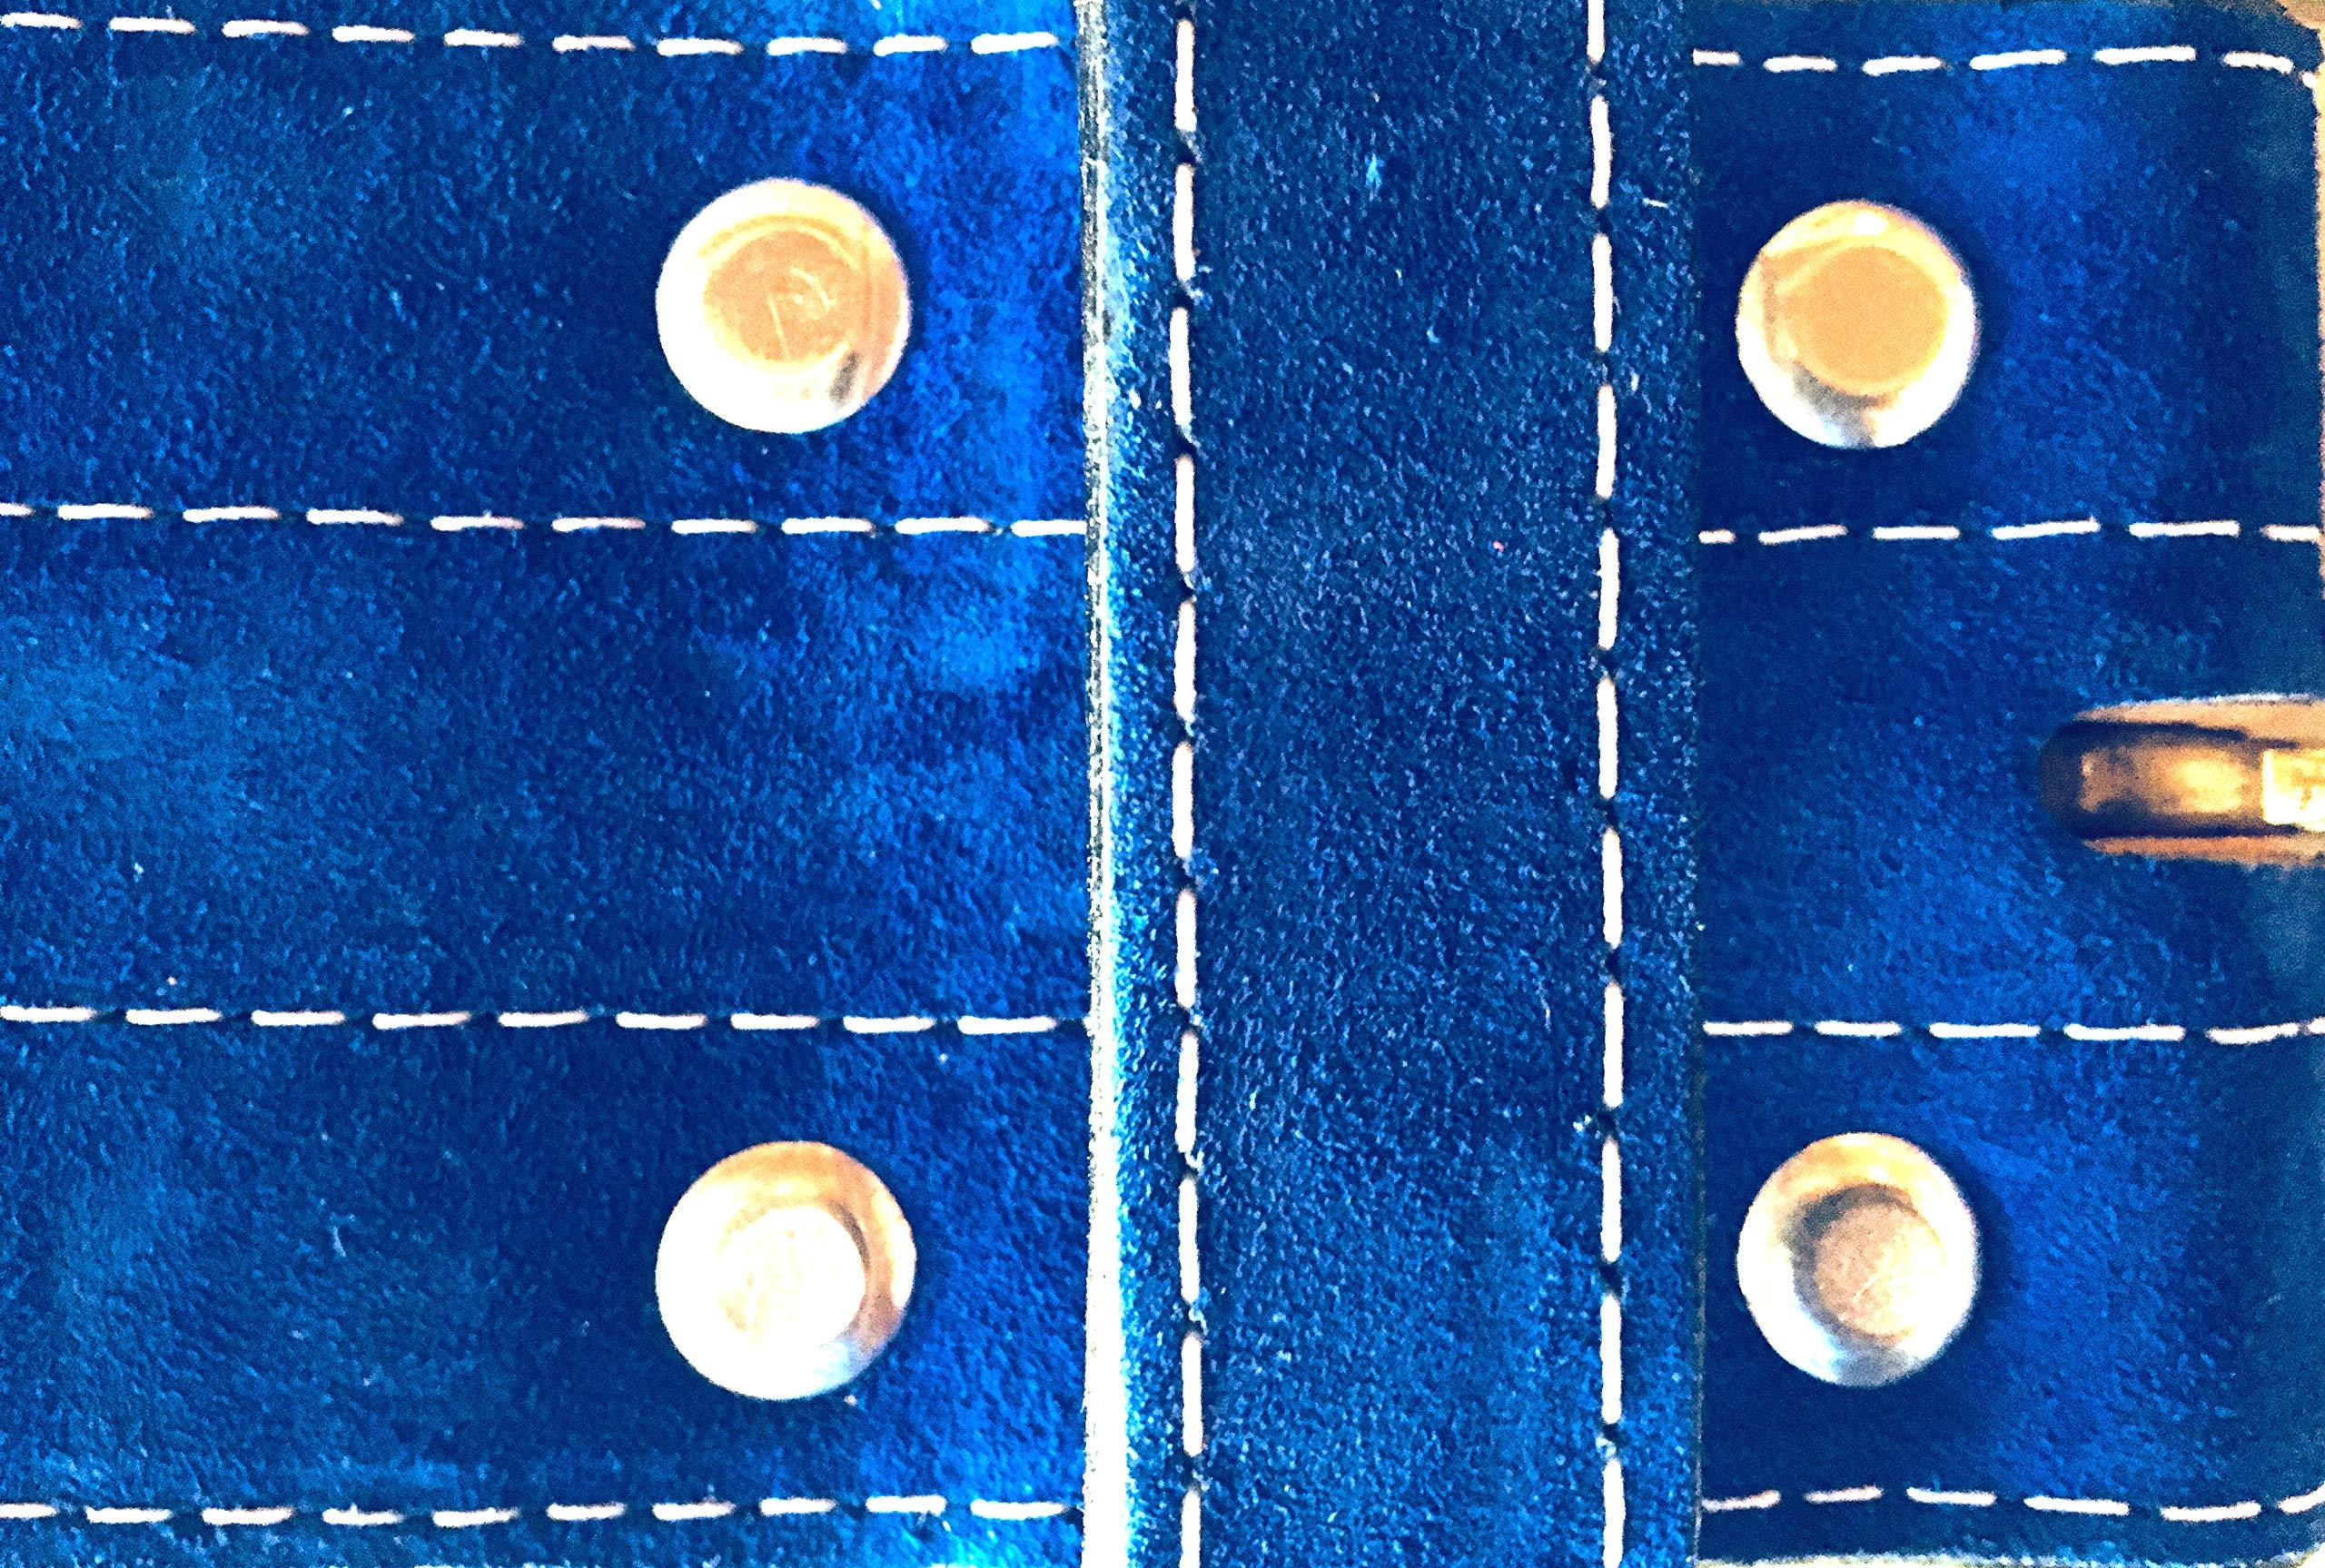 Inzer Advance Designs Forever Buckle Belt 10MM (Royal Blue, X-Large)